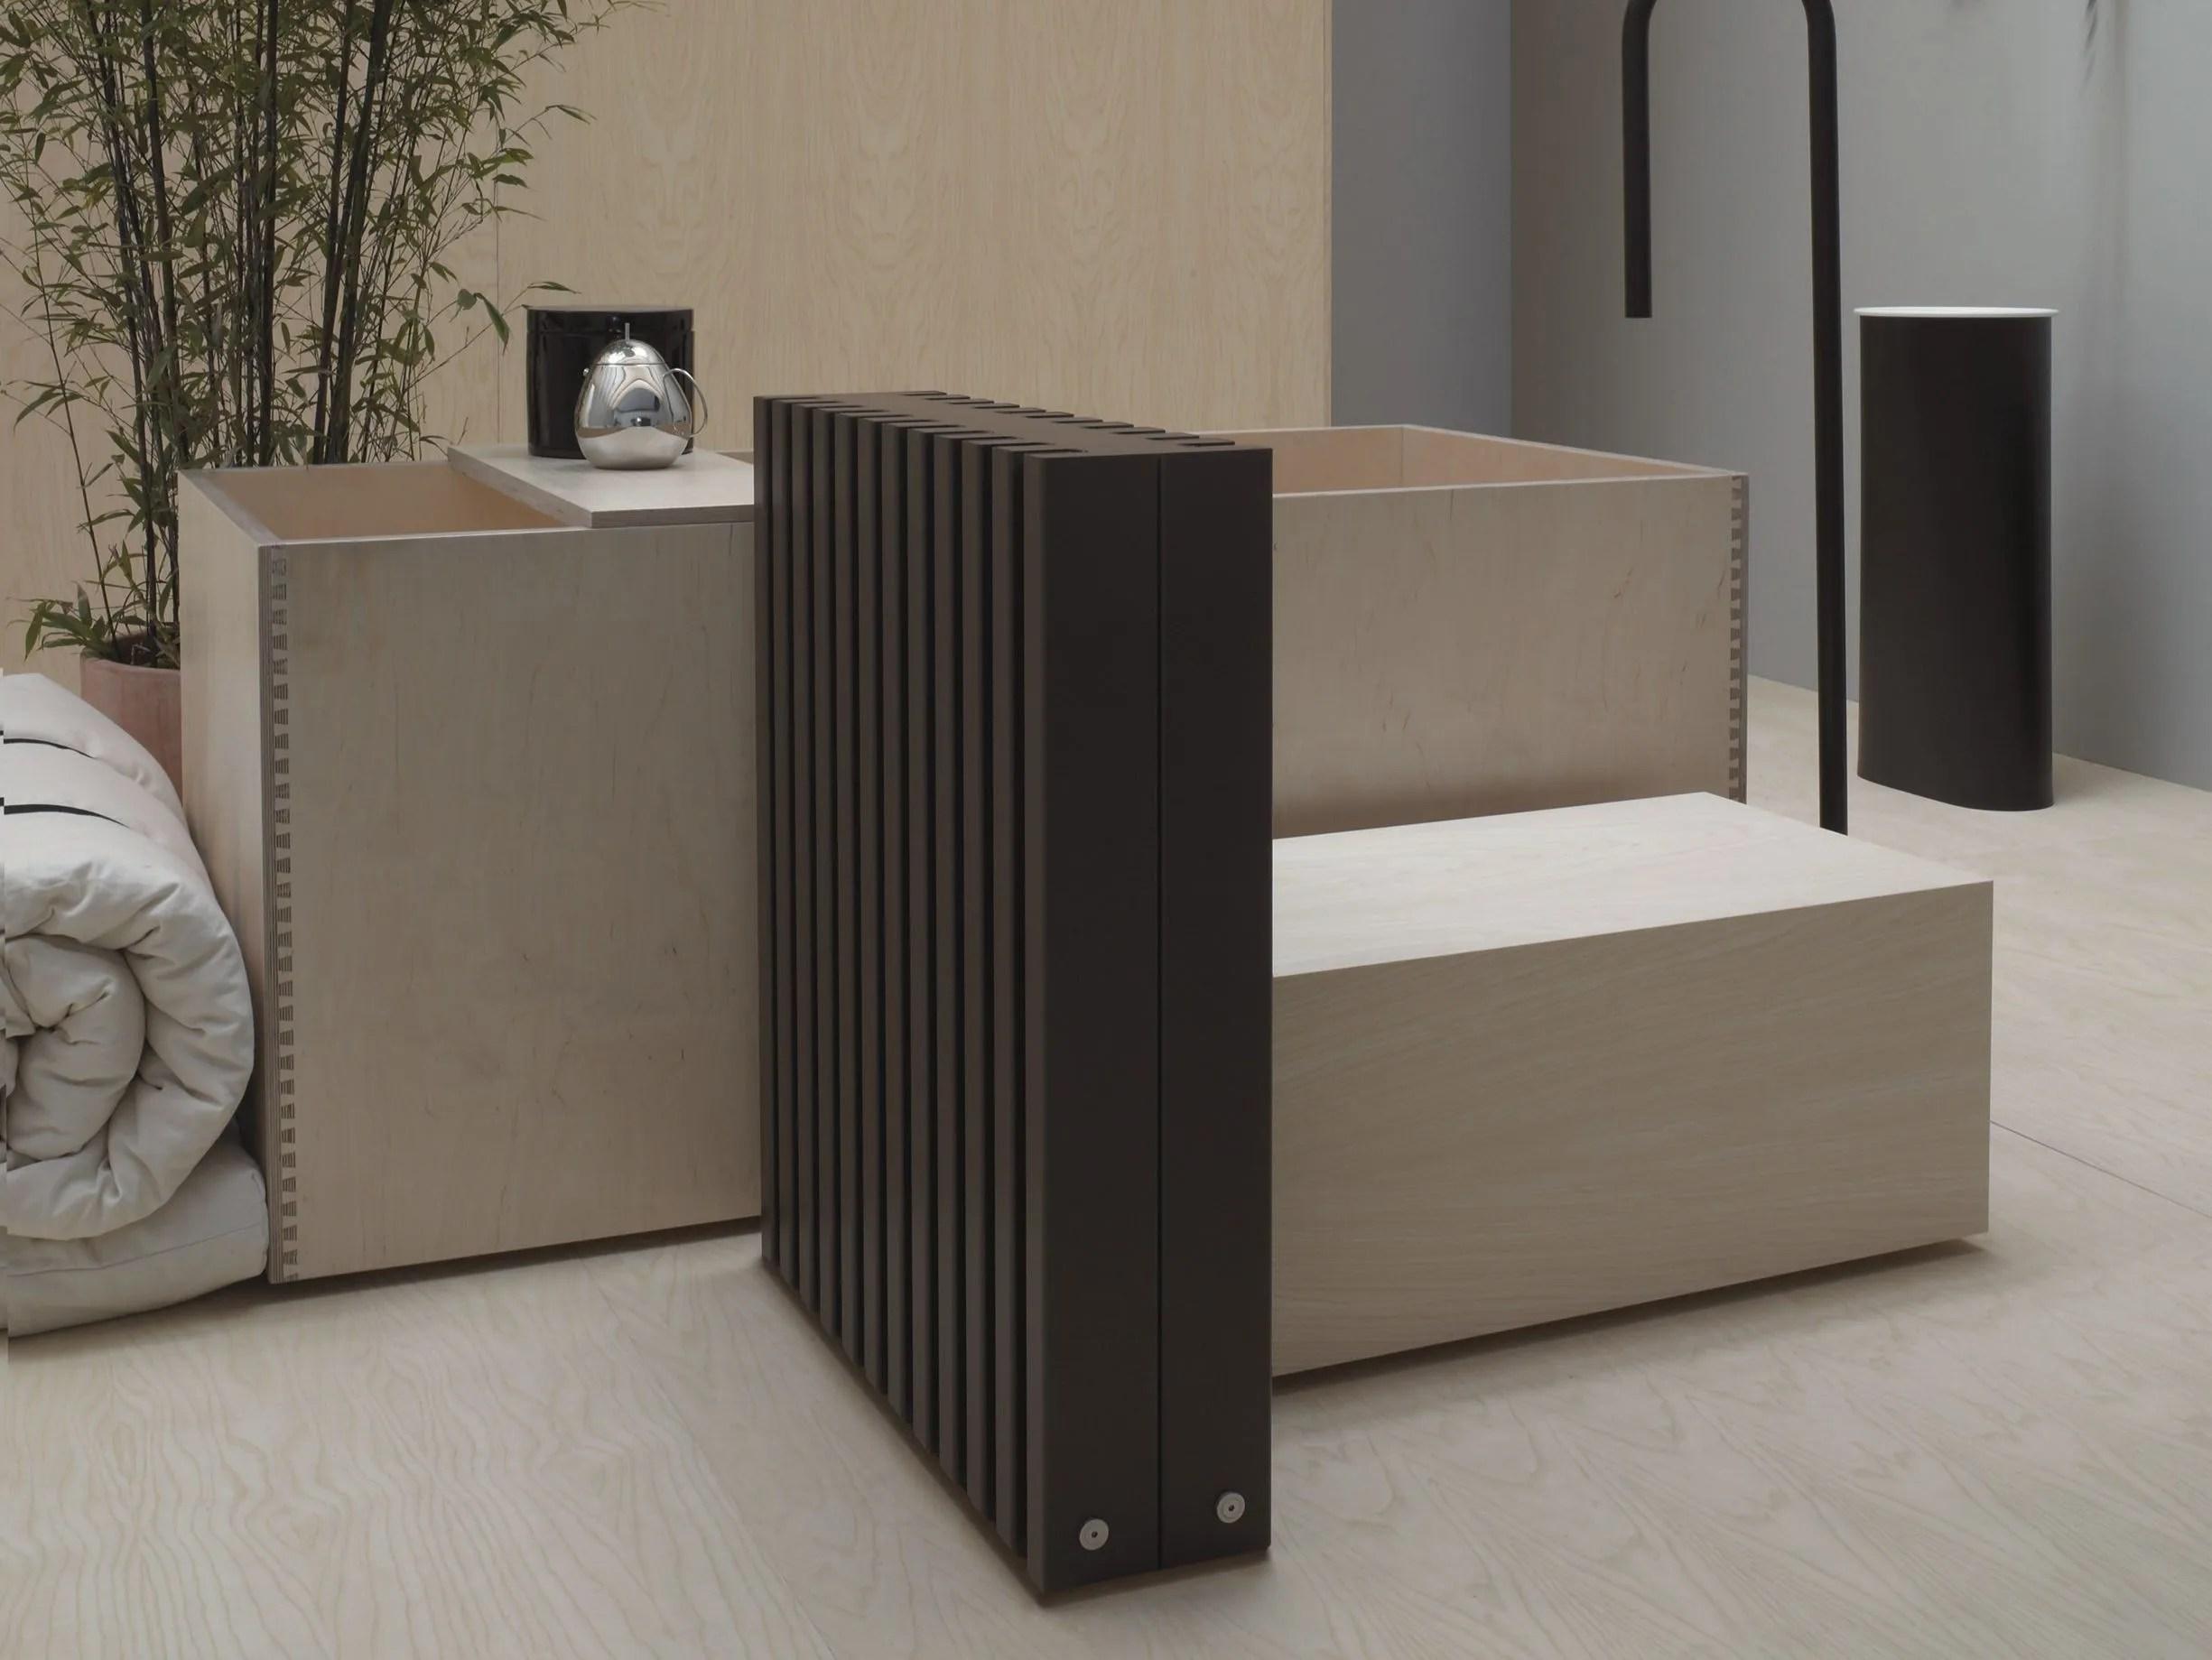 SOHO Radiatore a pavimento by Tubes Radiatori design